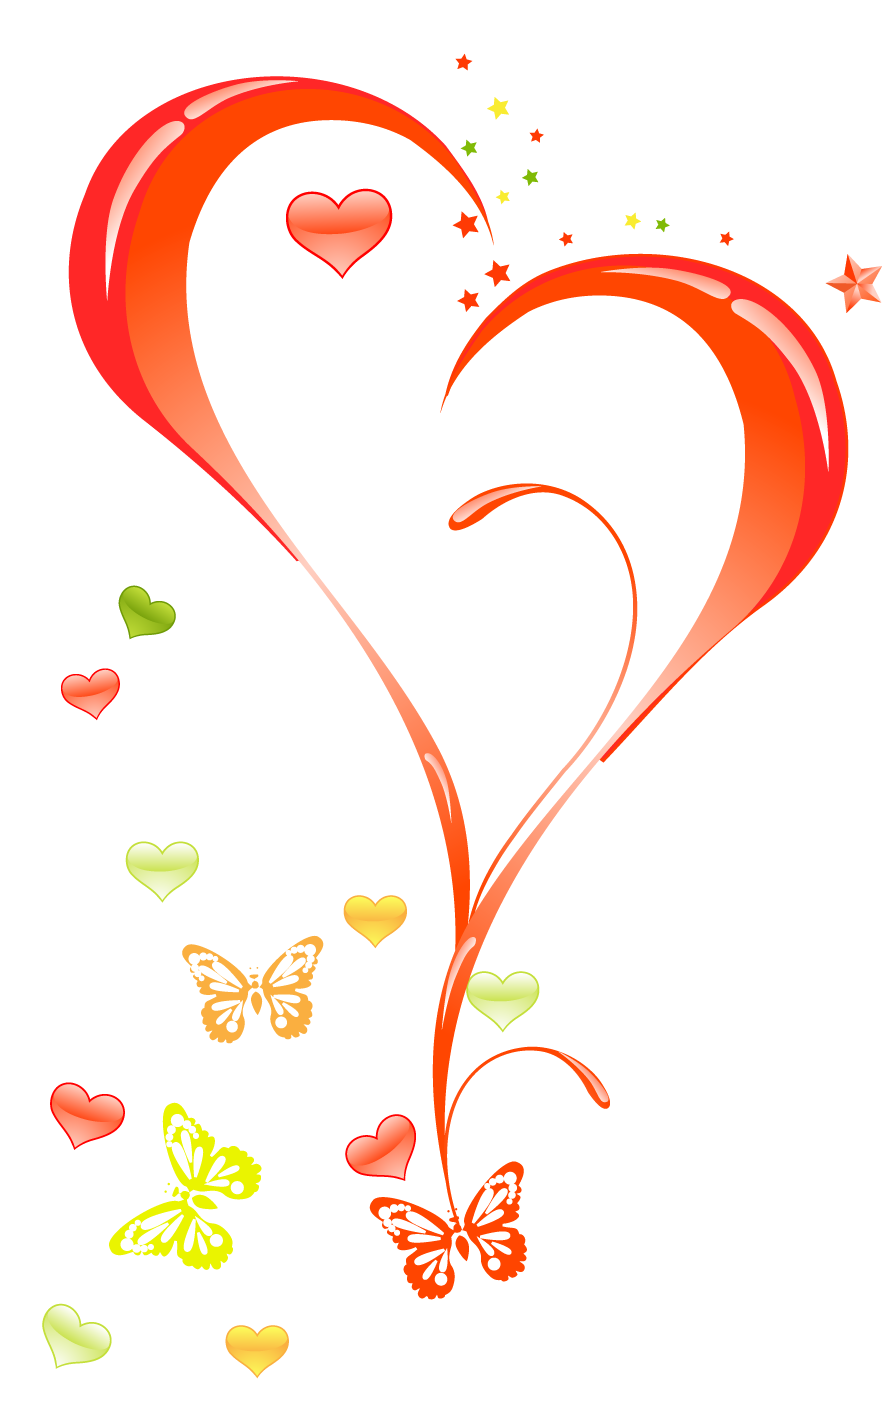 Самые удобные позы для занятий любви картинки